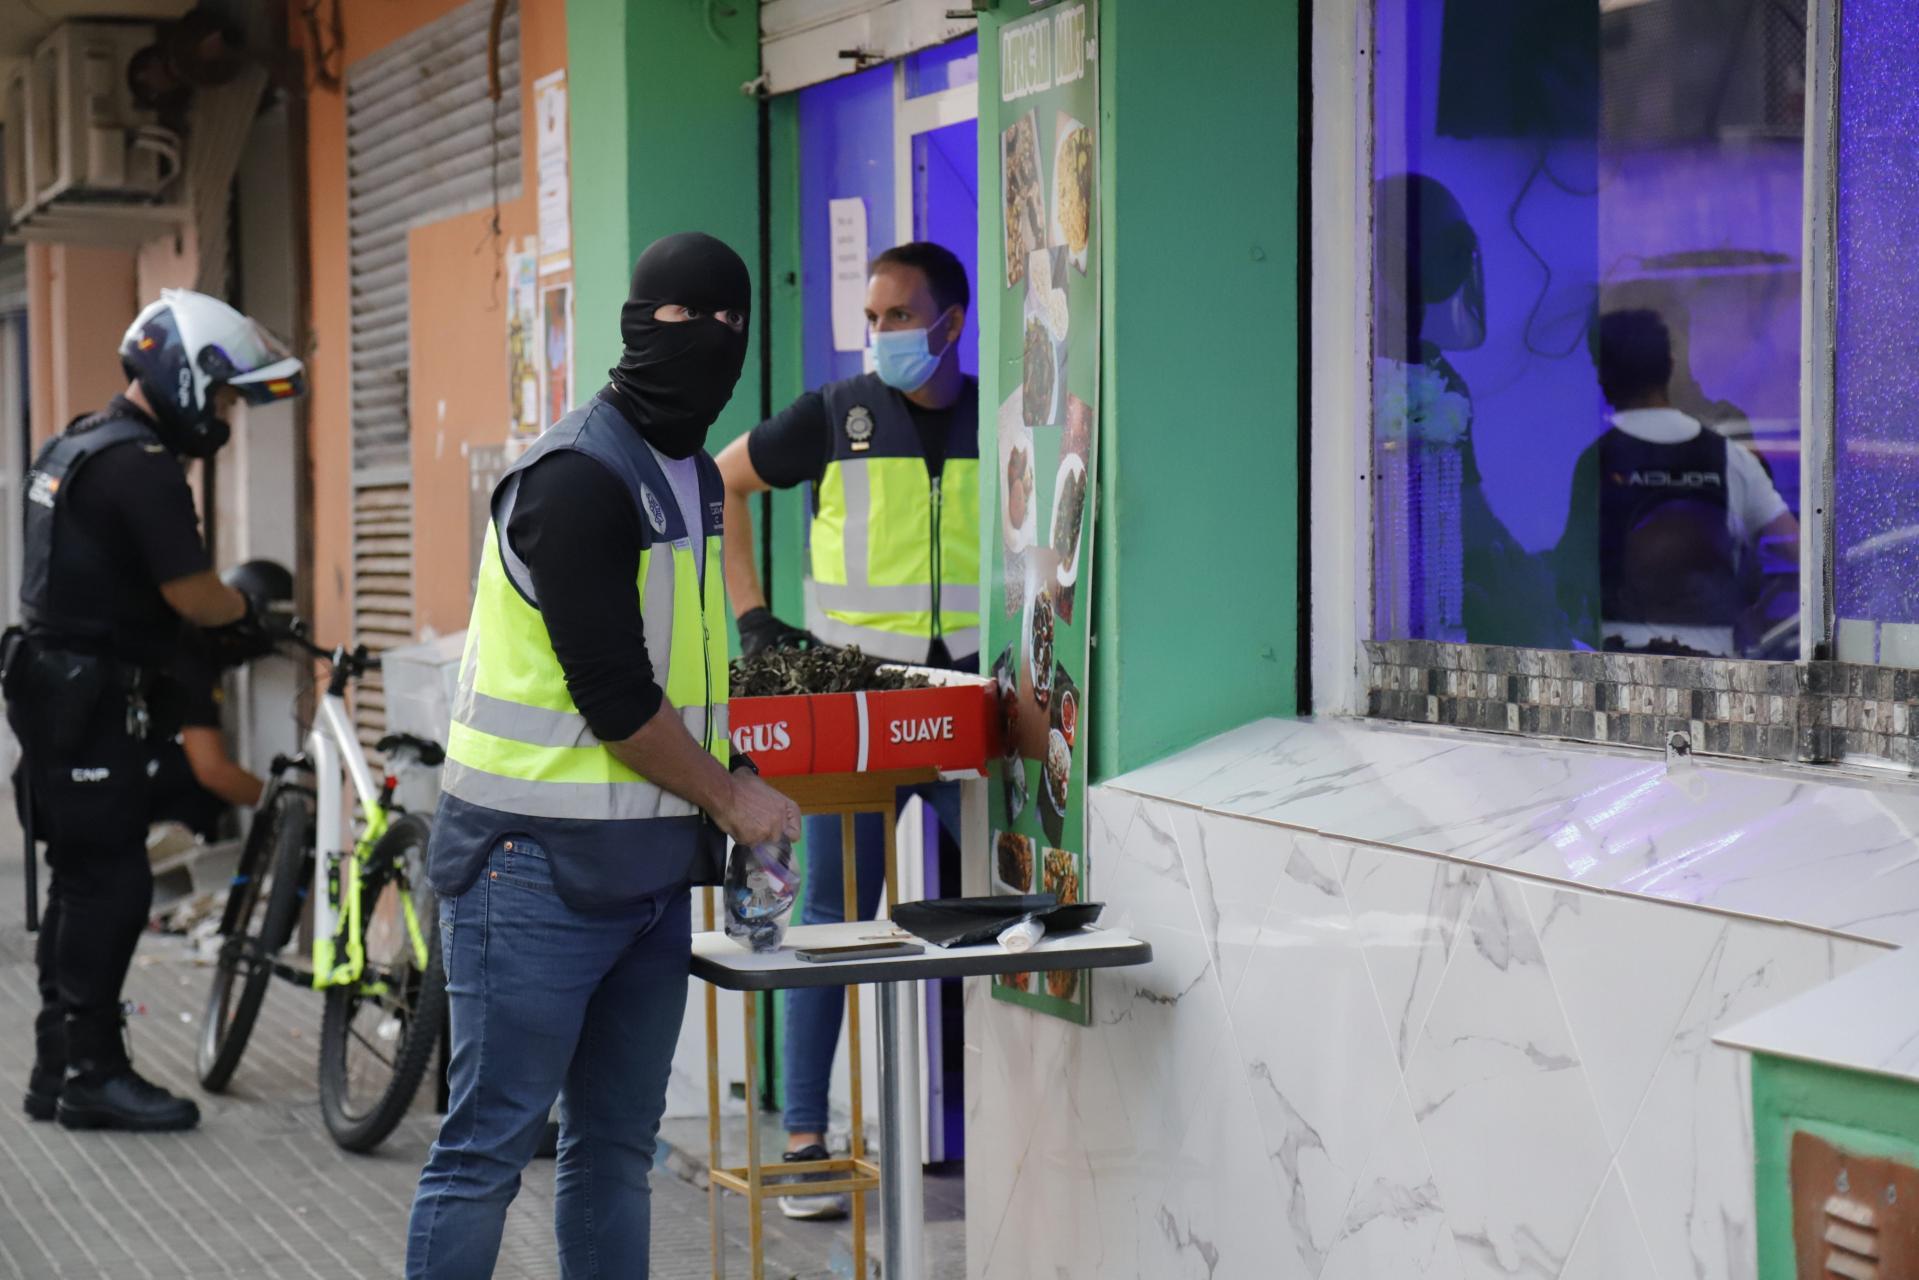 La policía detecta un importante aumento de consumo de heroína en las calles de Palma